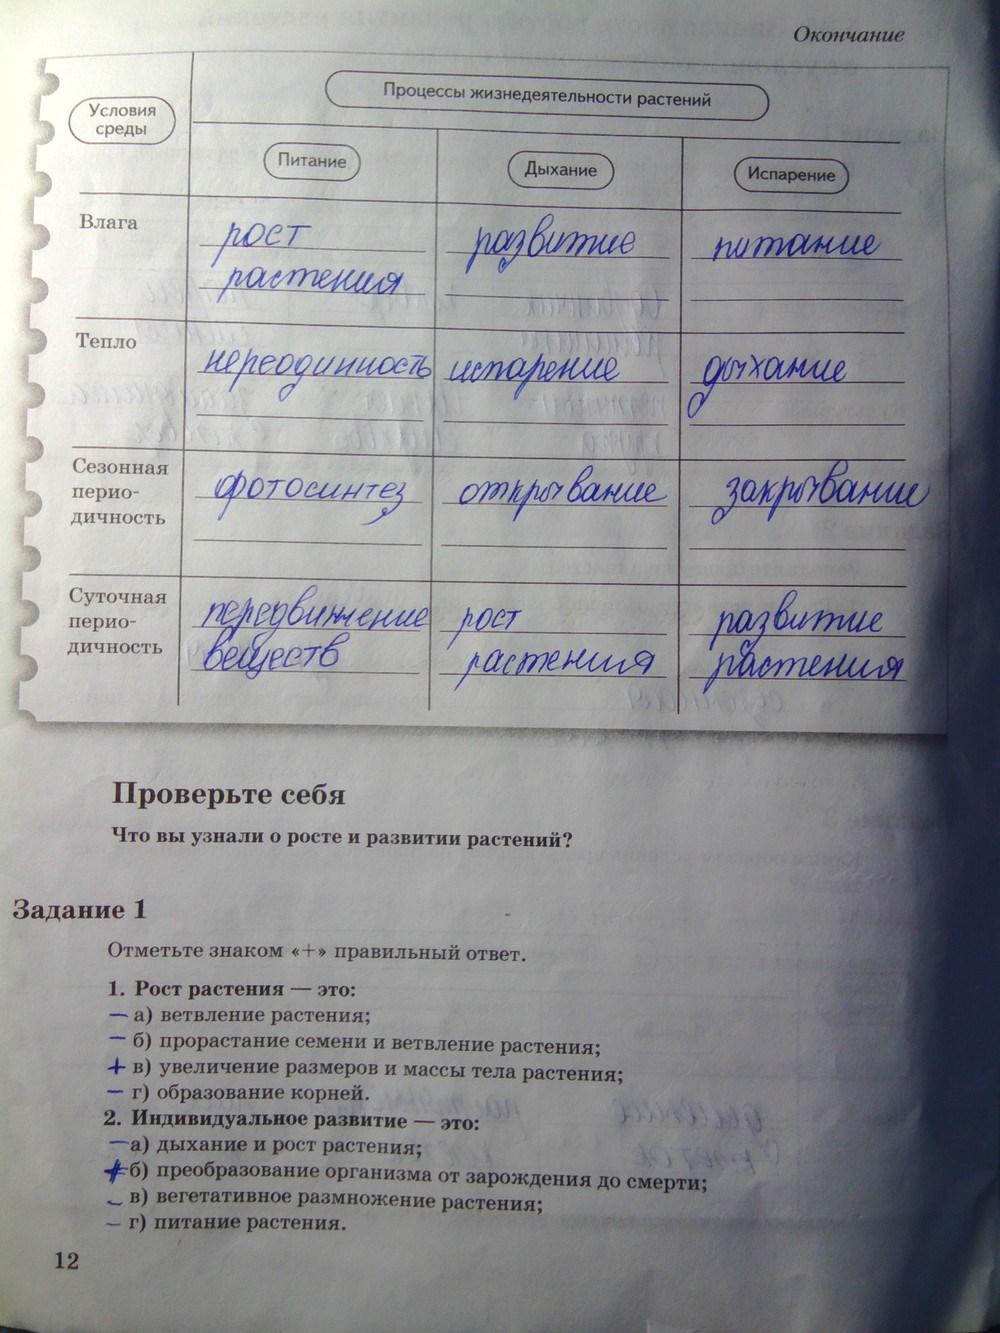 Гдз биология 6 класс пономарев 2018